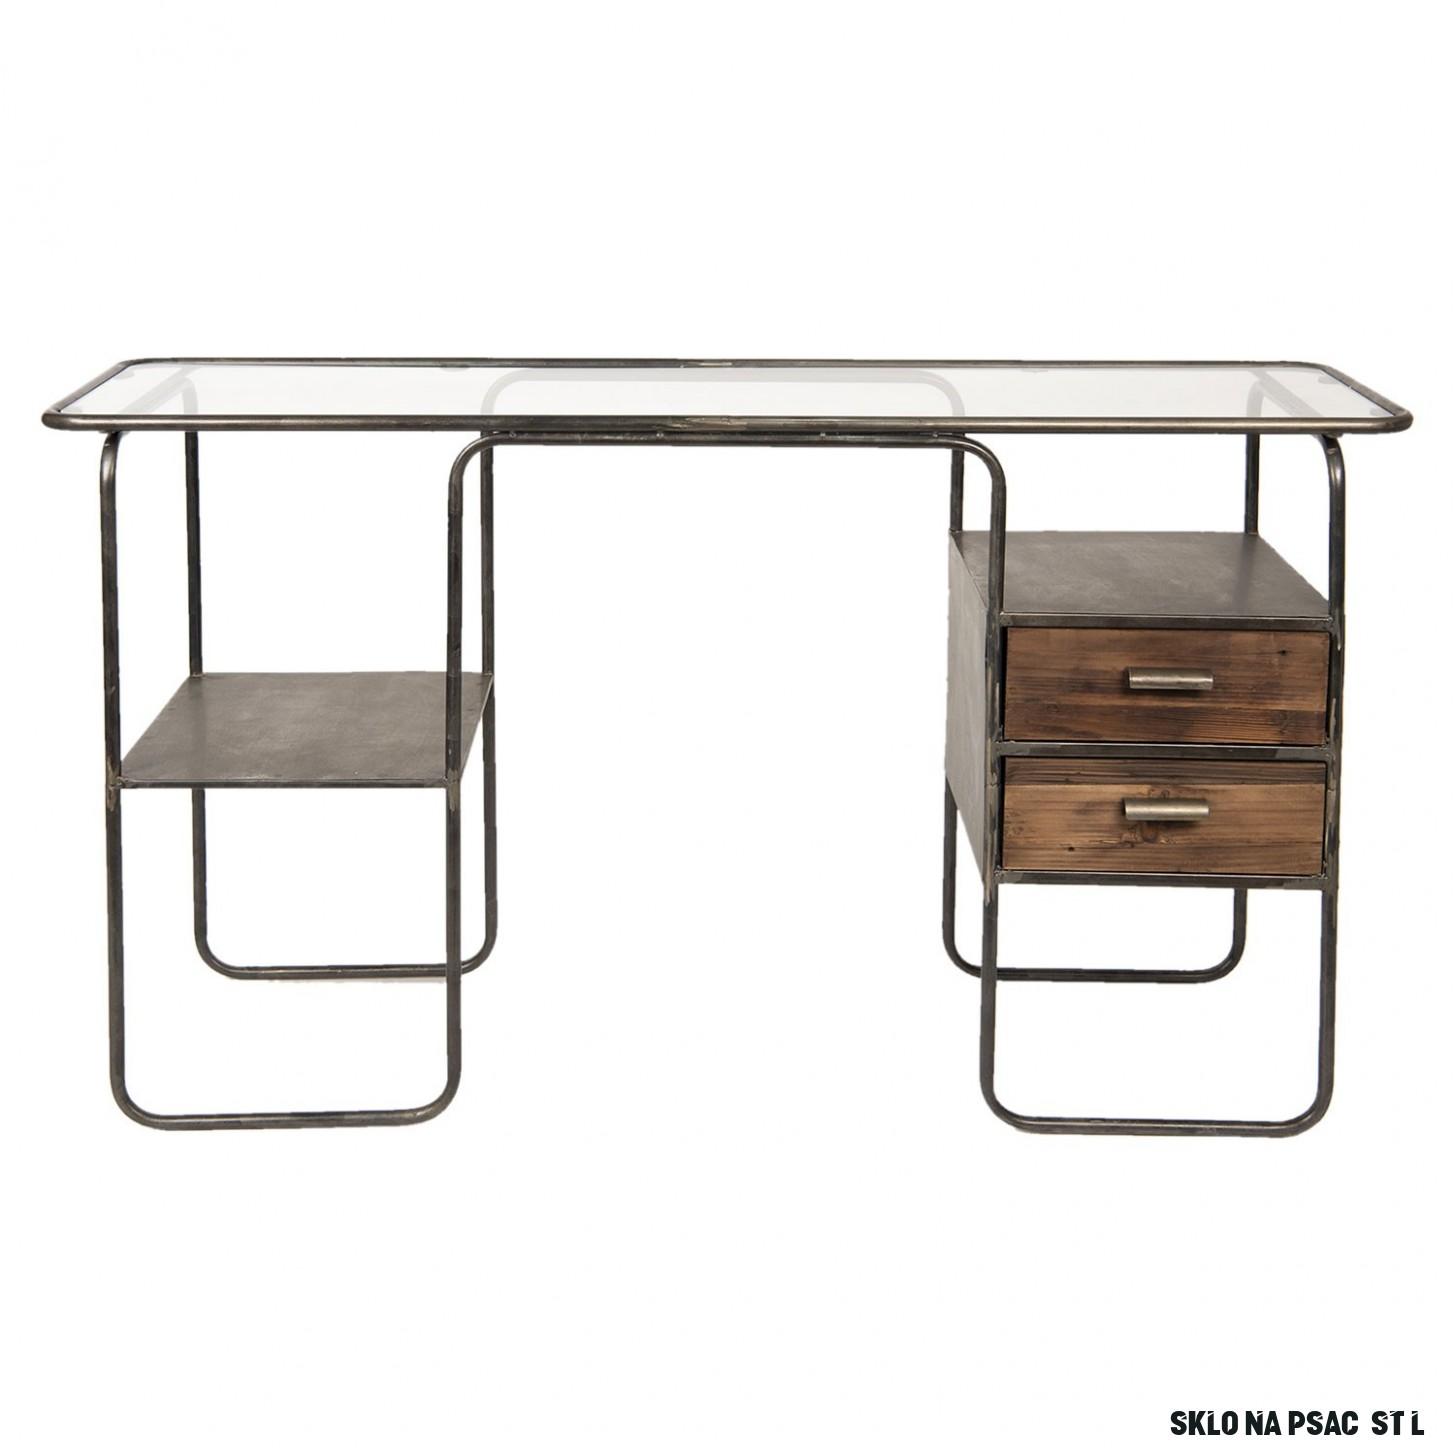 Retro psací stůl se skleněnou deskou Antik - 13*13*13 cm - LaHome.cz